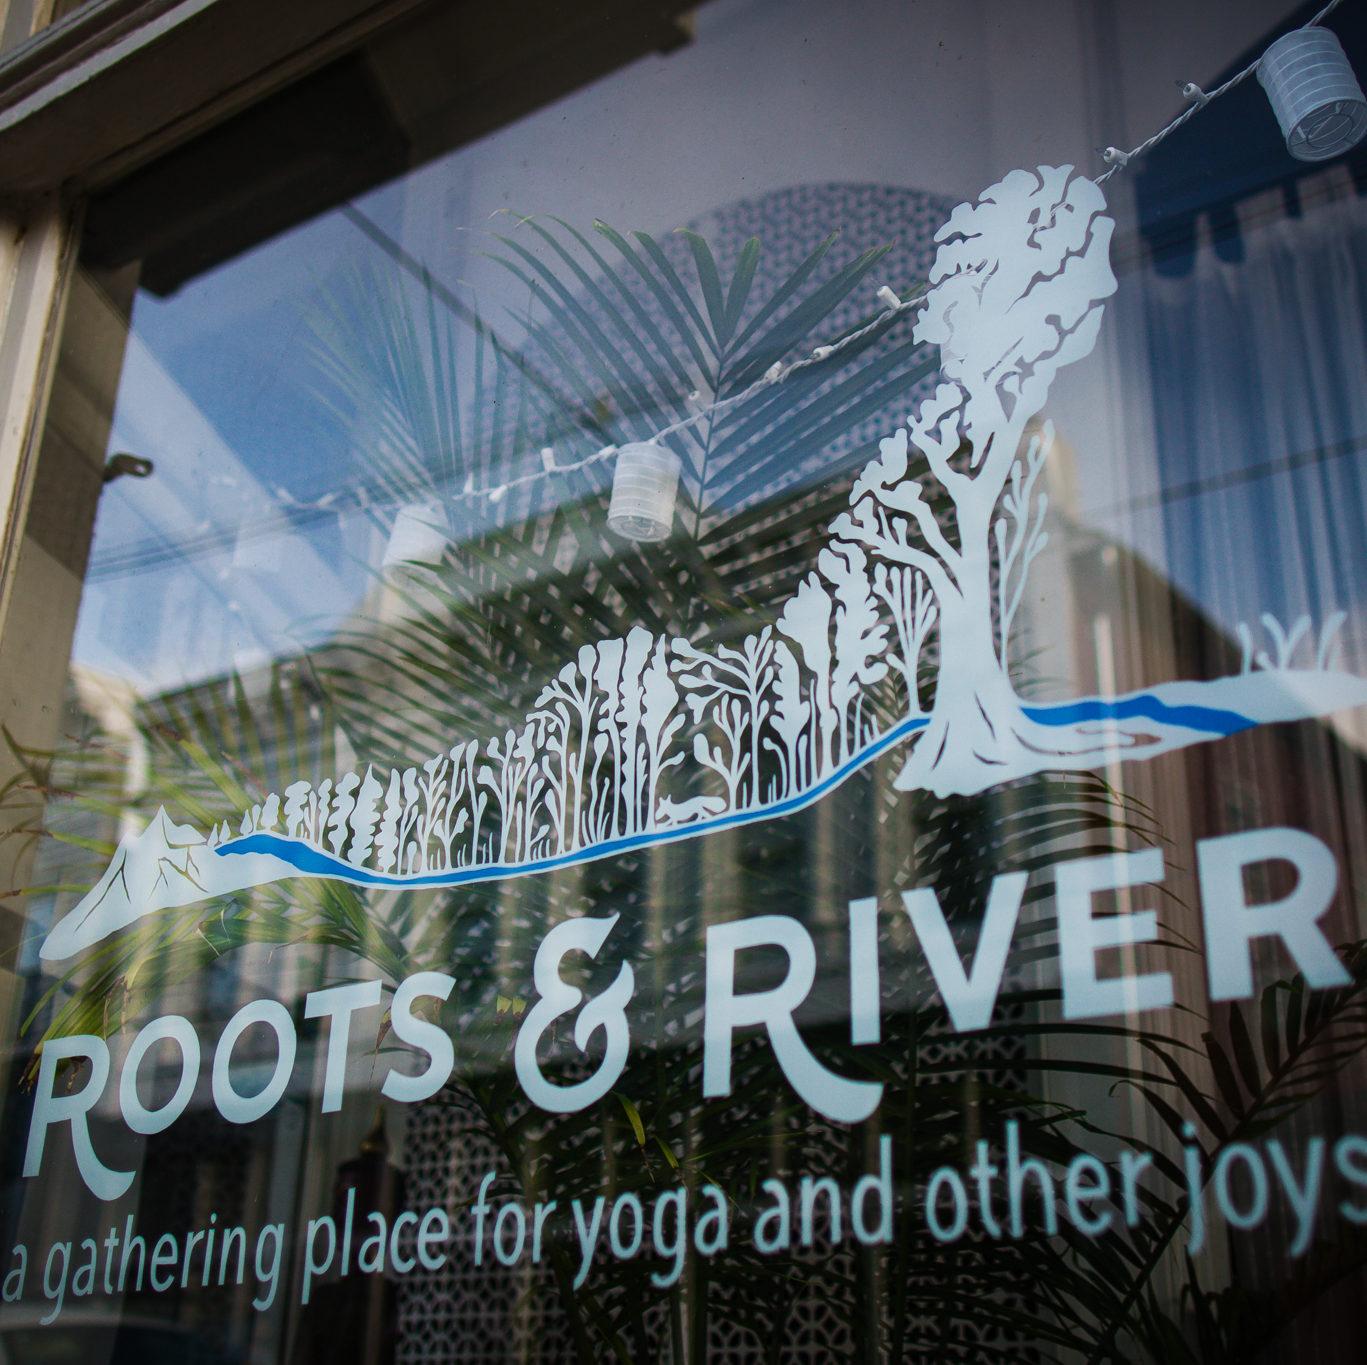 Roots & River Yoga